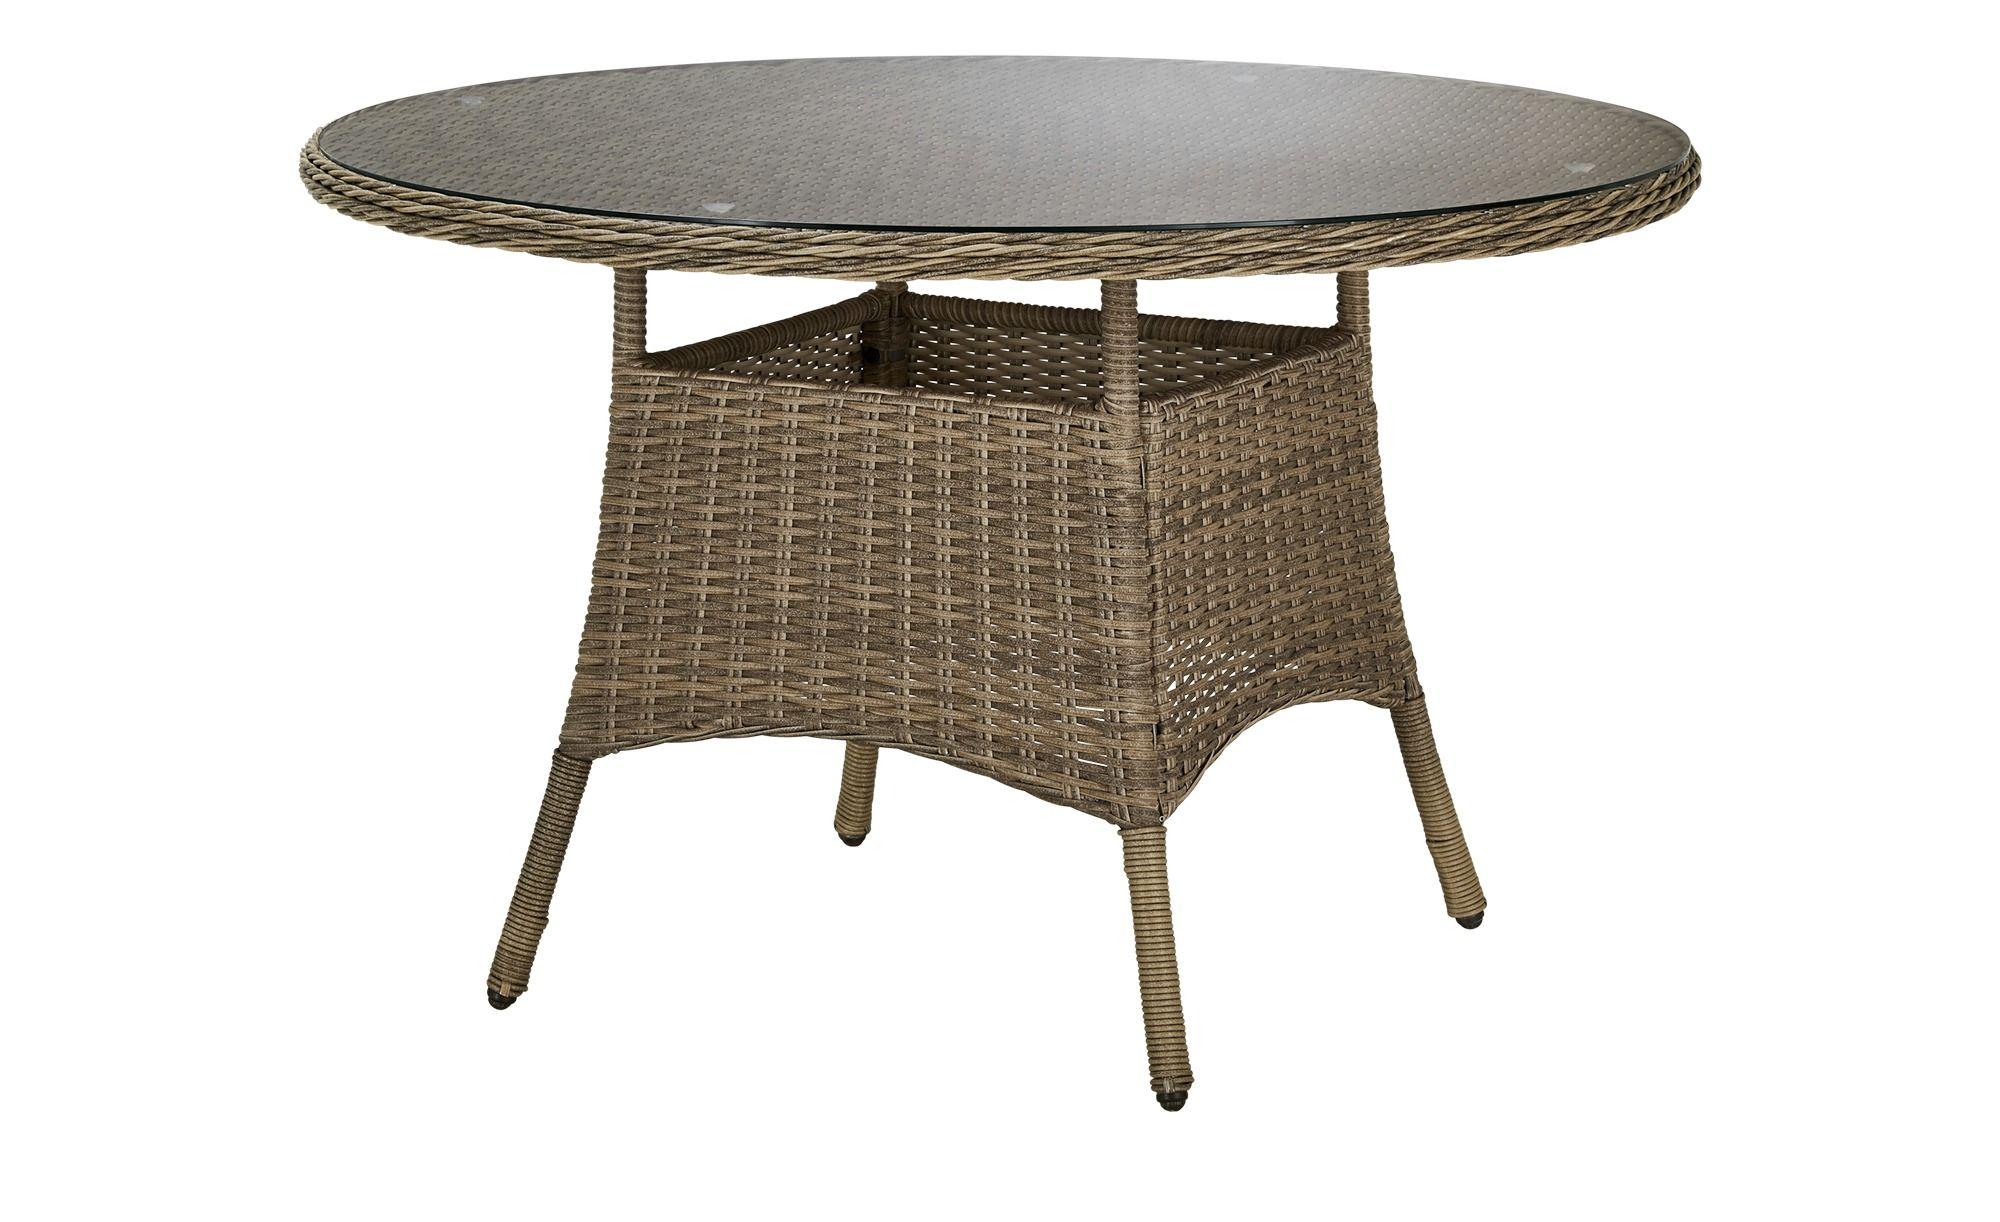 A Casa Mia Tisch Florenz 2 Gefunden Bei Mobel Hoffner In 2021 Hoffner Mobel Gartenmobel Mobel